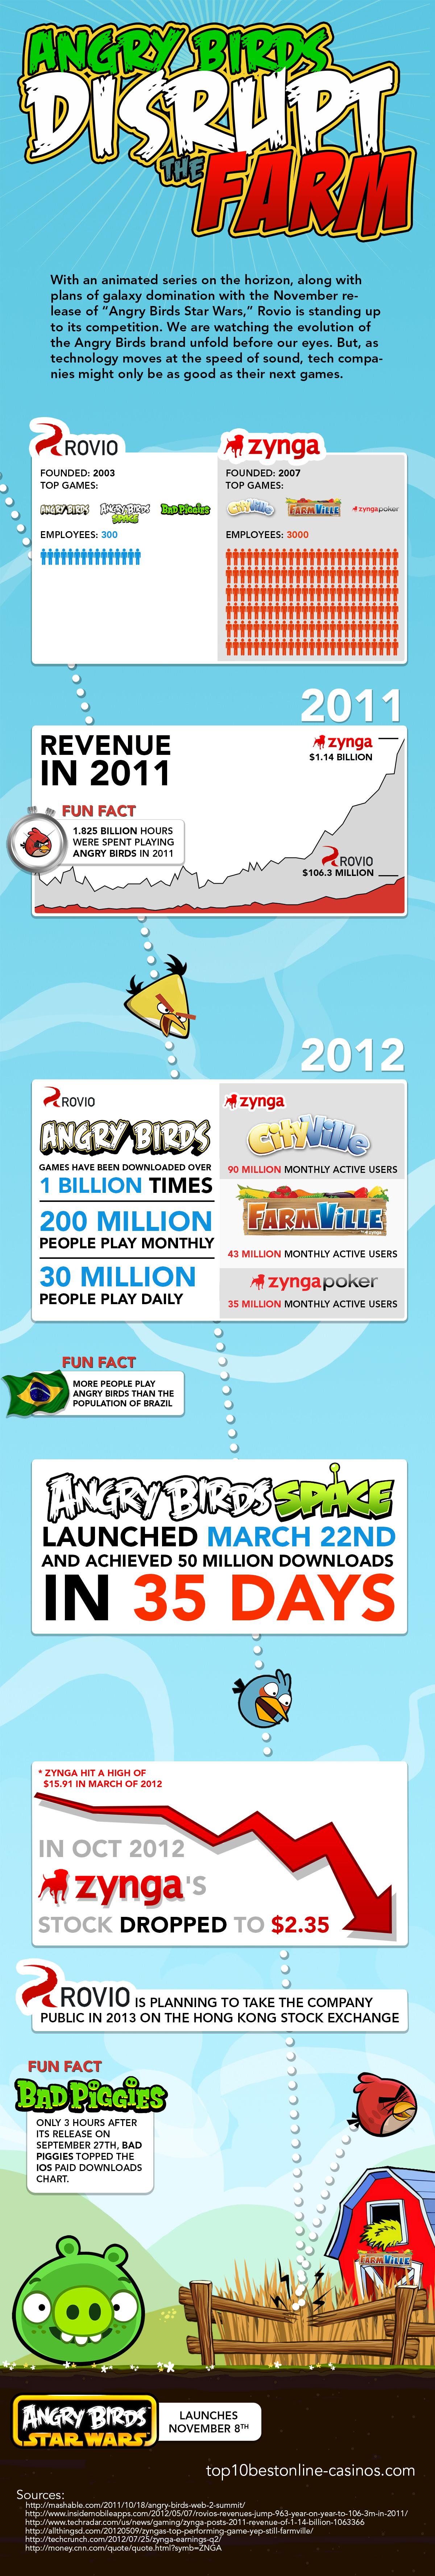 Rovio- Company behind Angry Birds